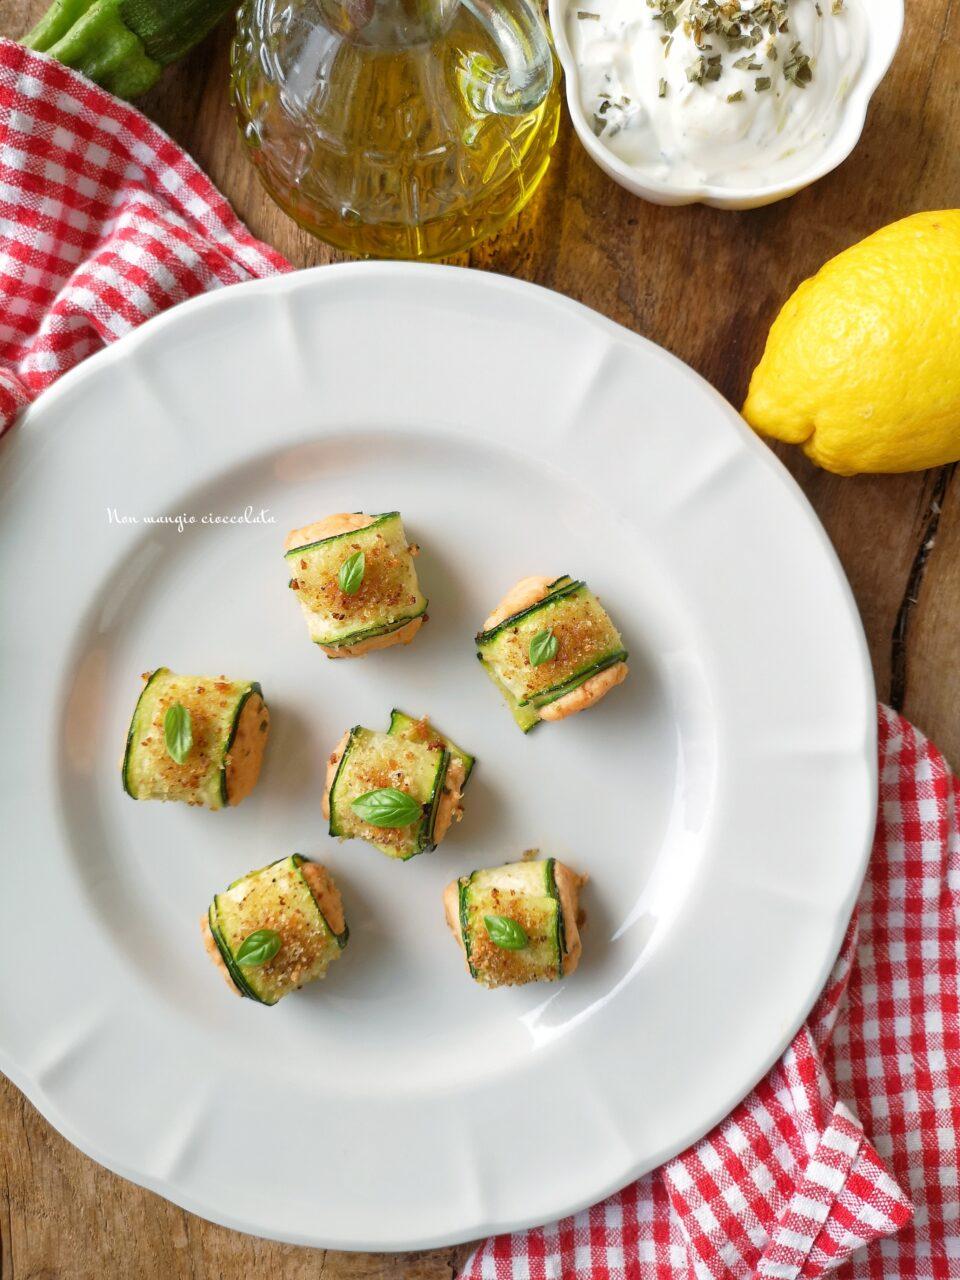 Involtini di zucchine e salmone fresco